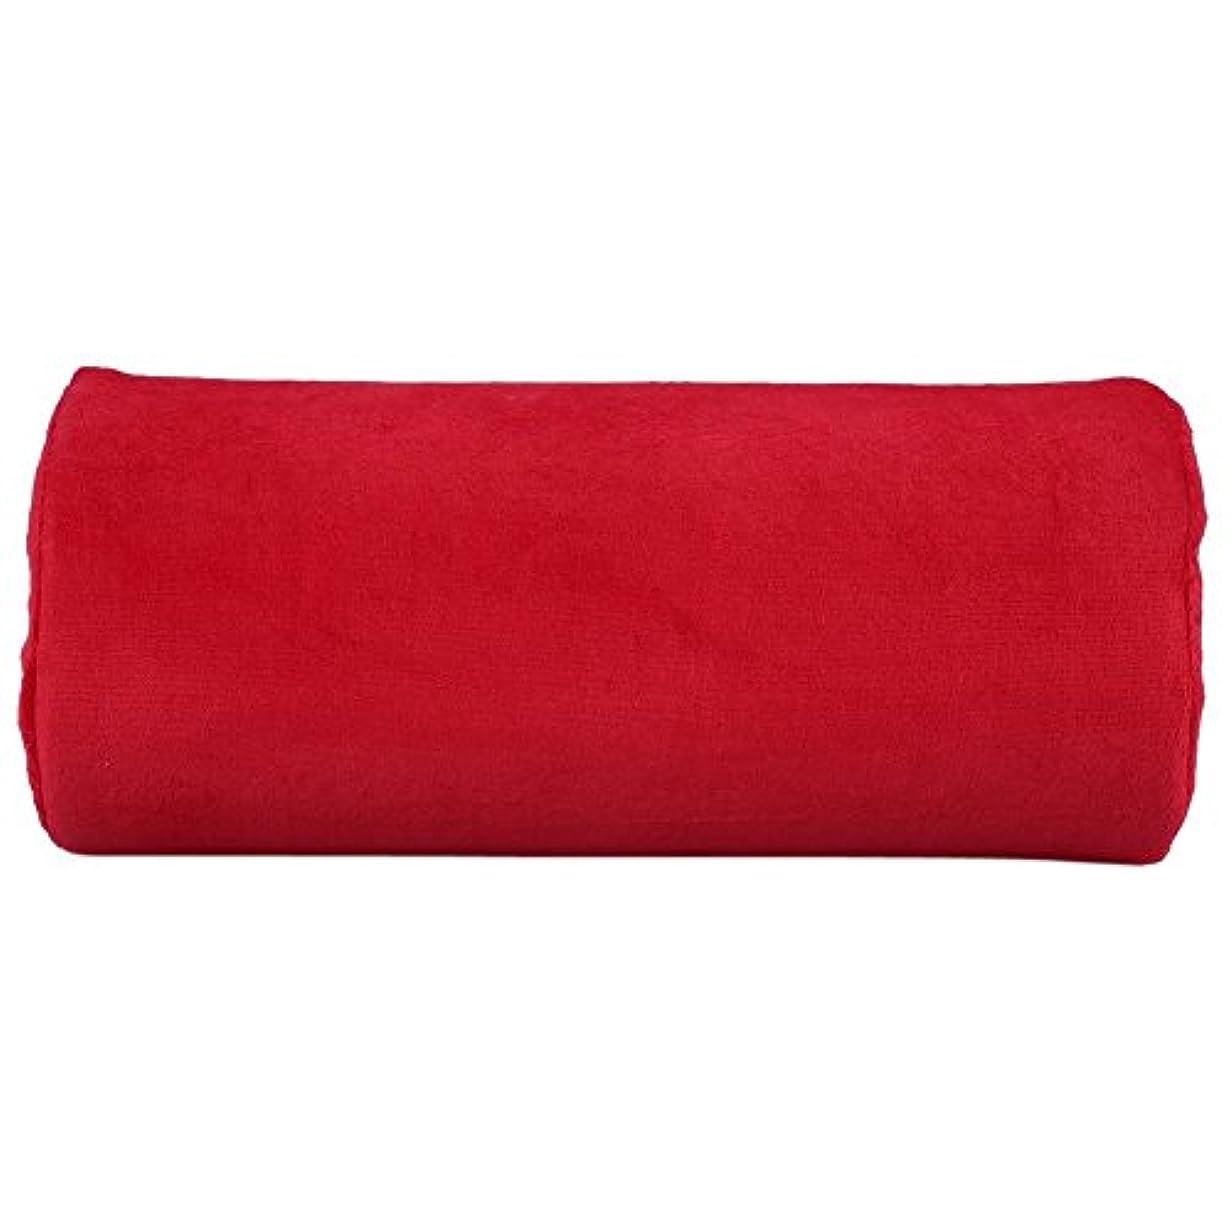 光沢アナロジーもっと少なくサロンハンドレストクッション、ネイルアートソフトピロー(赤), パーソナルハンドレストクッションネイルアートぬいぐるみ枕取り外し可能なマニキュアメイクツールレッド